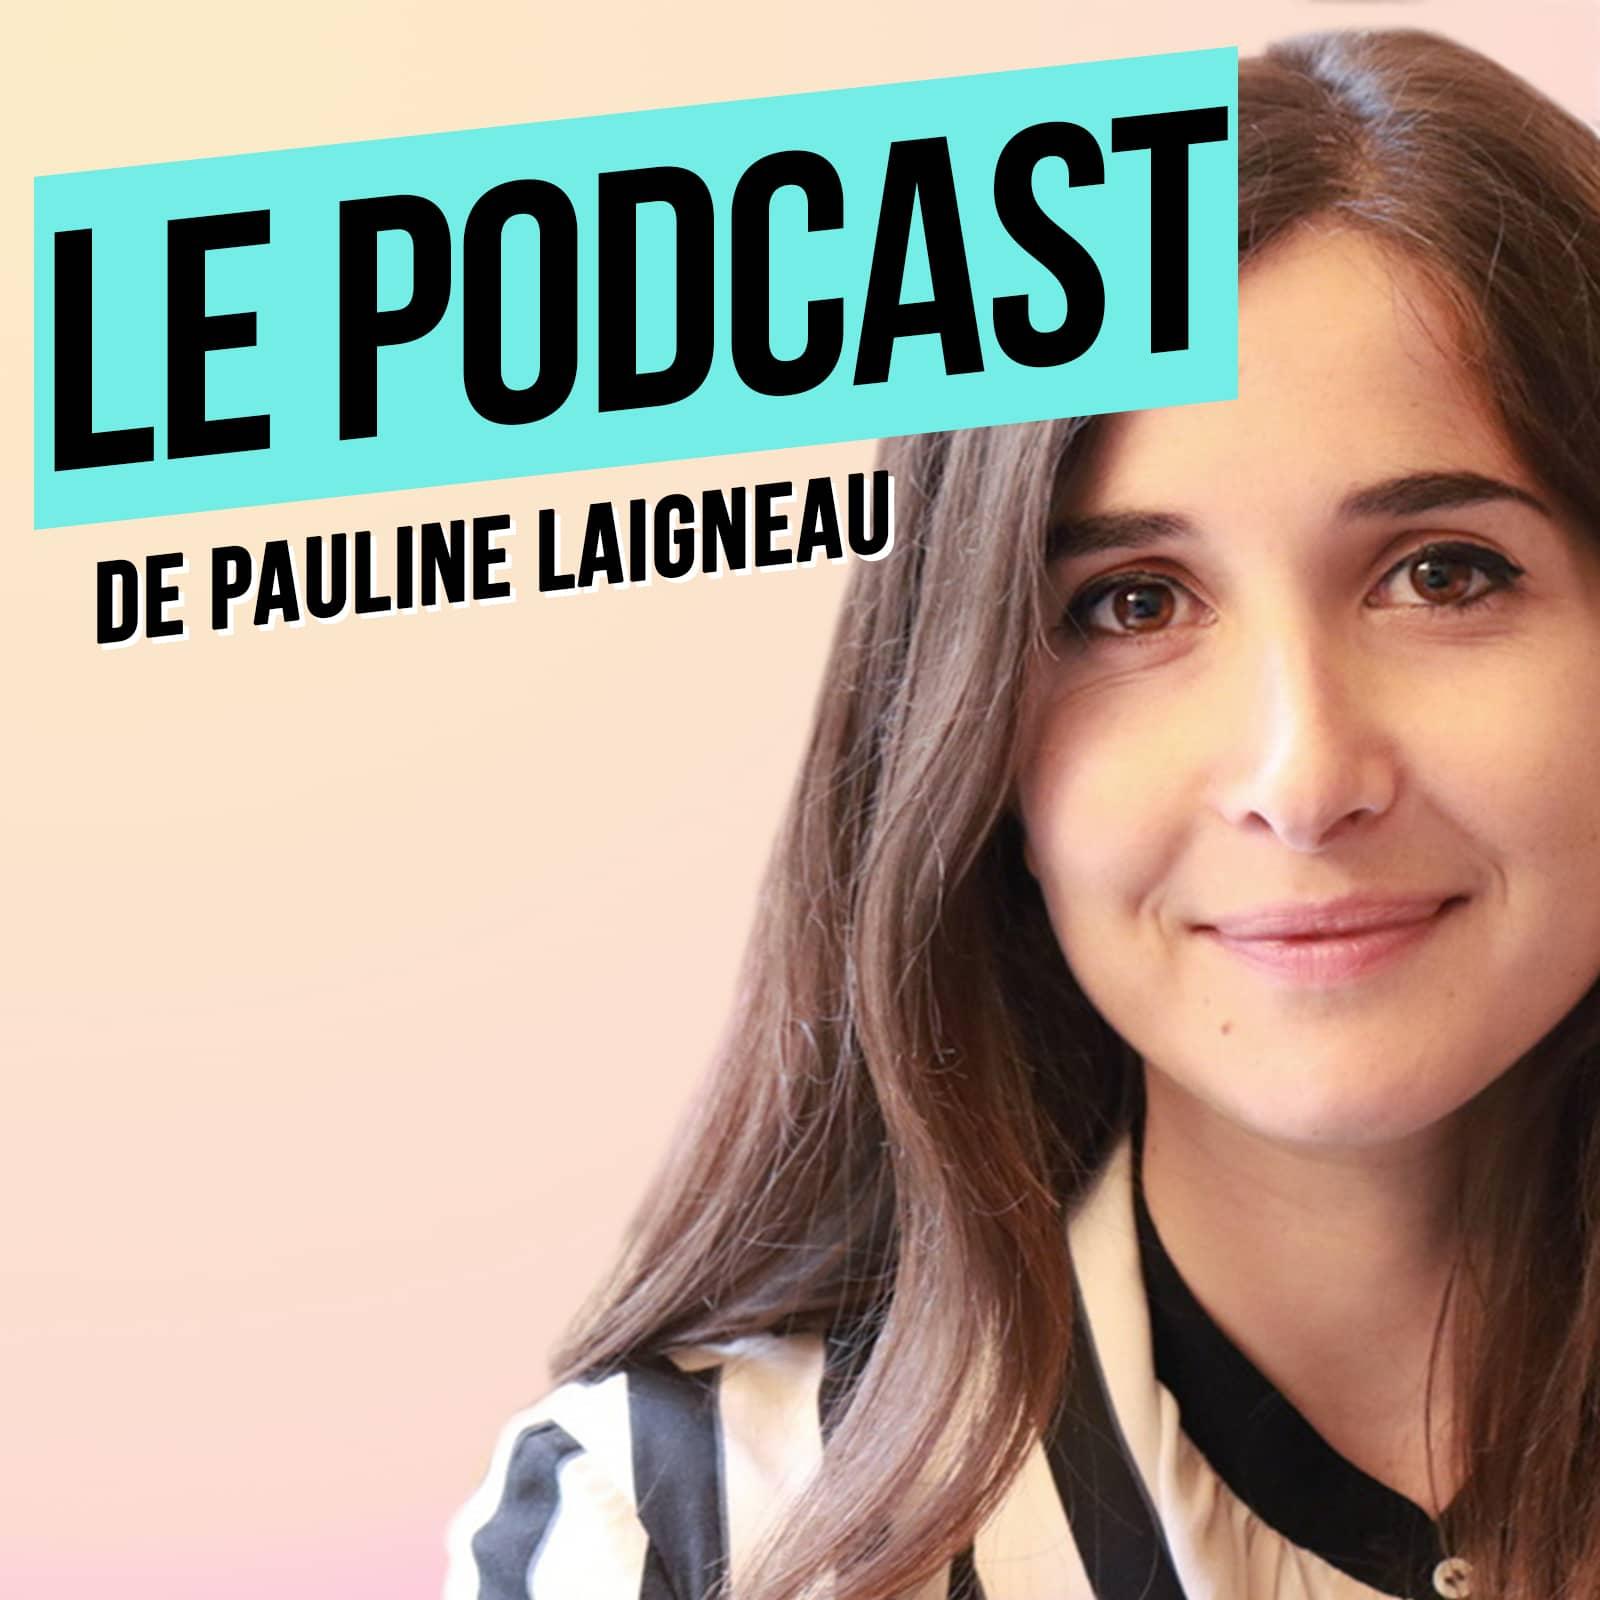 Le podcast de Pauline Laigneau